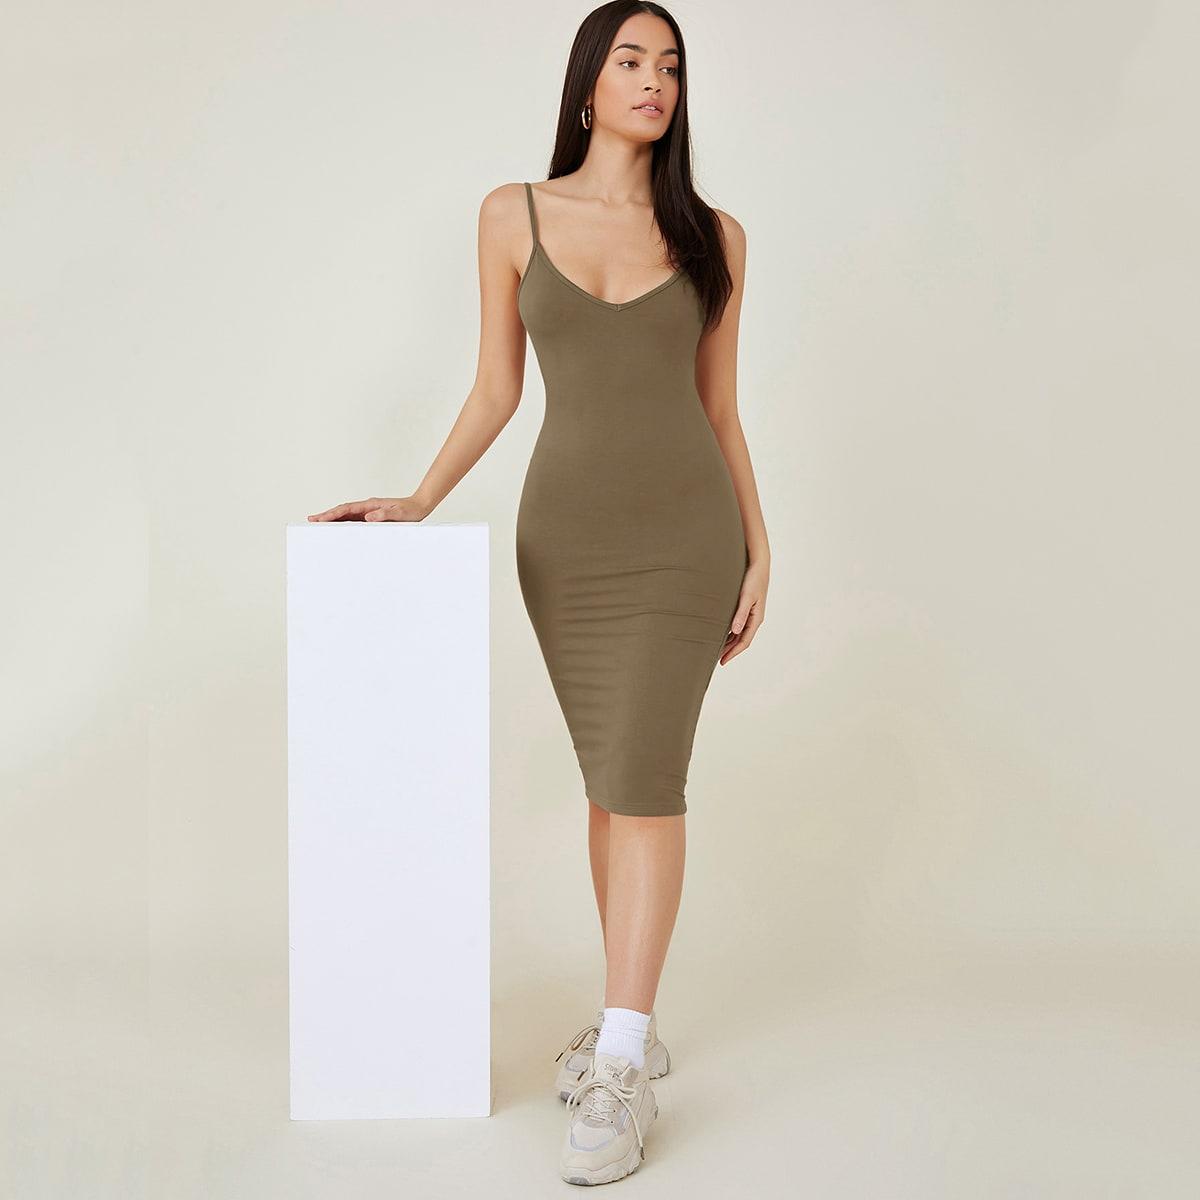 Однотонное облегающее платье по цене 610